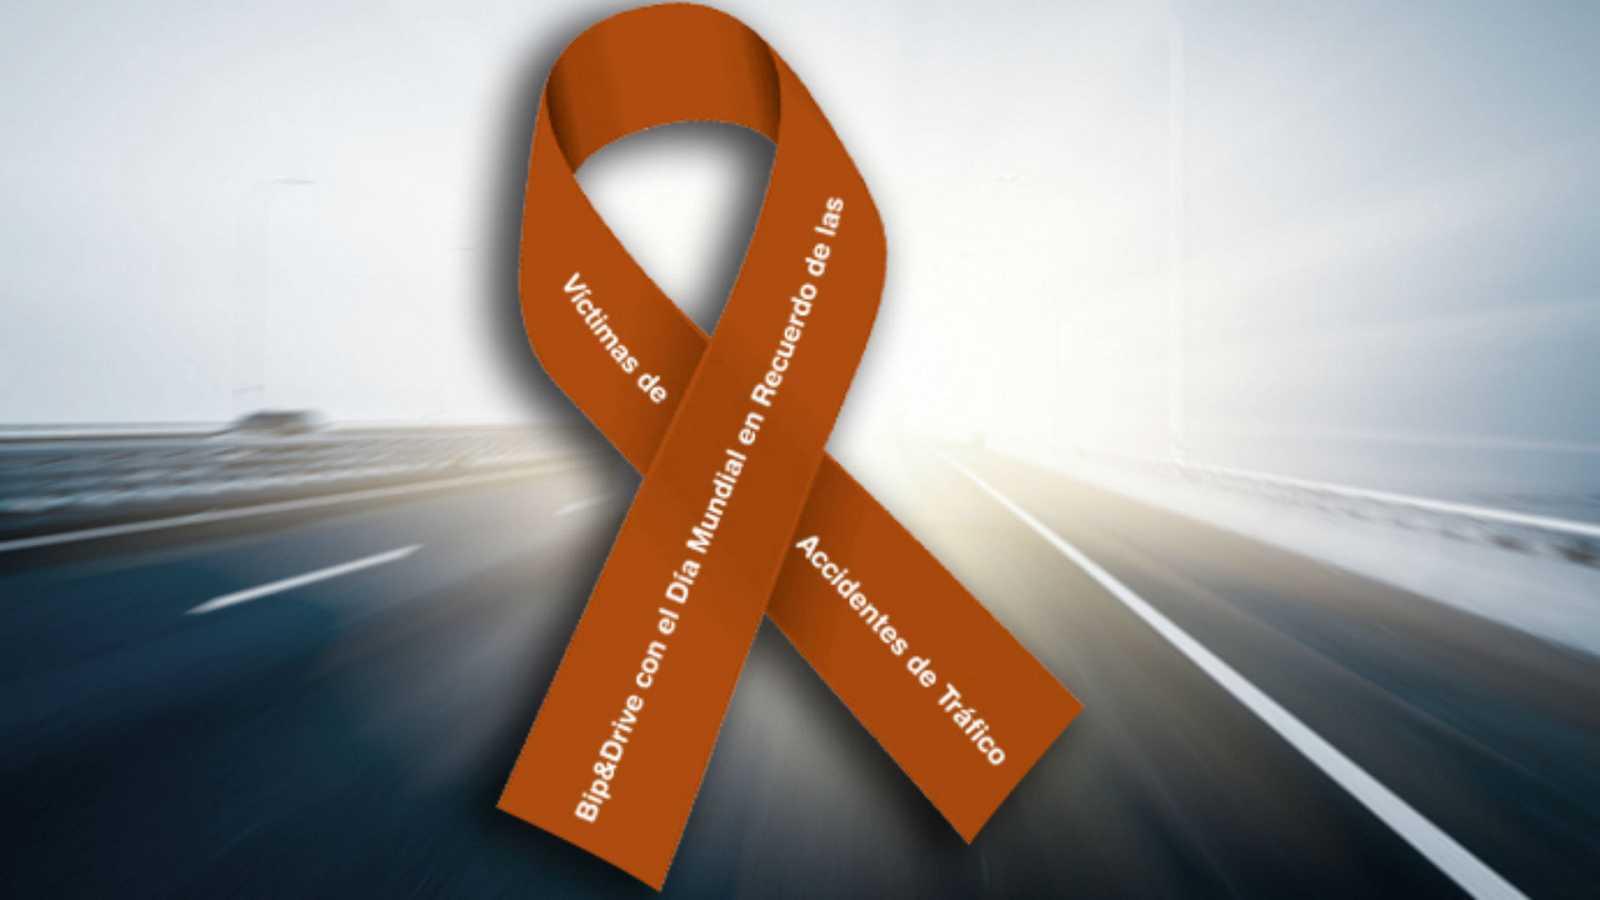 El amplificador - Homenaje a las víctimas de los accidentes de tráfico - 17/11/19 - Escuchar ahora